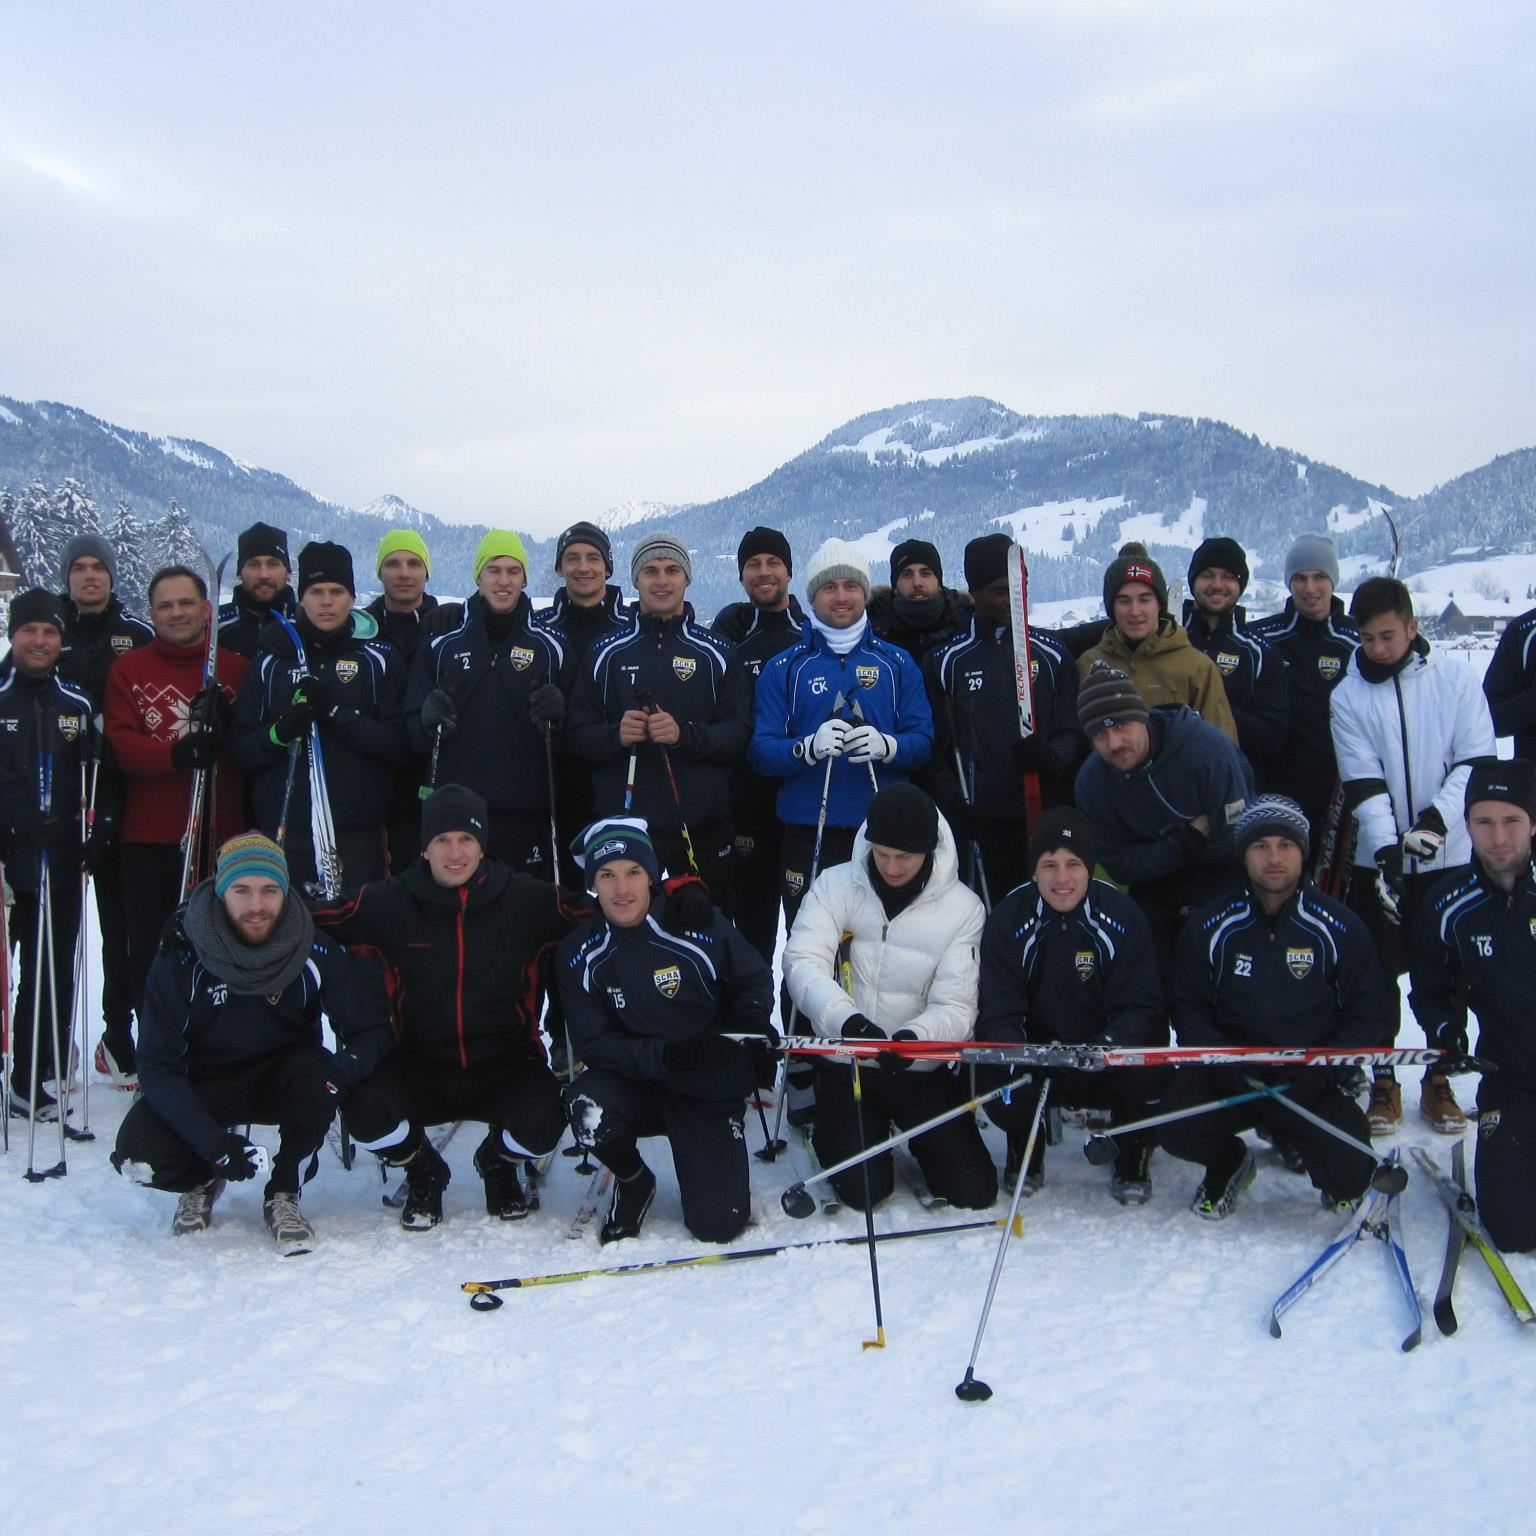 Teambuilding des SCR Altach im Bregenzerwald mit Neocoach Damir Canadi.